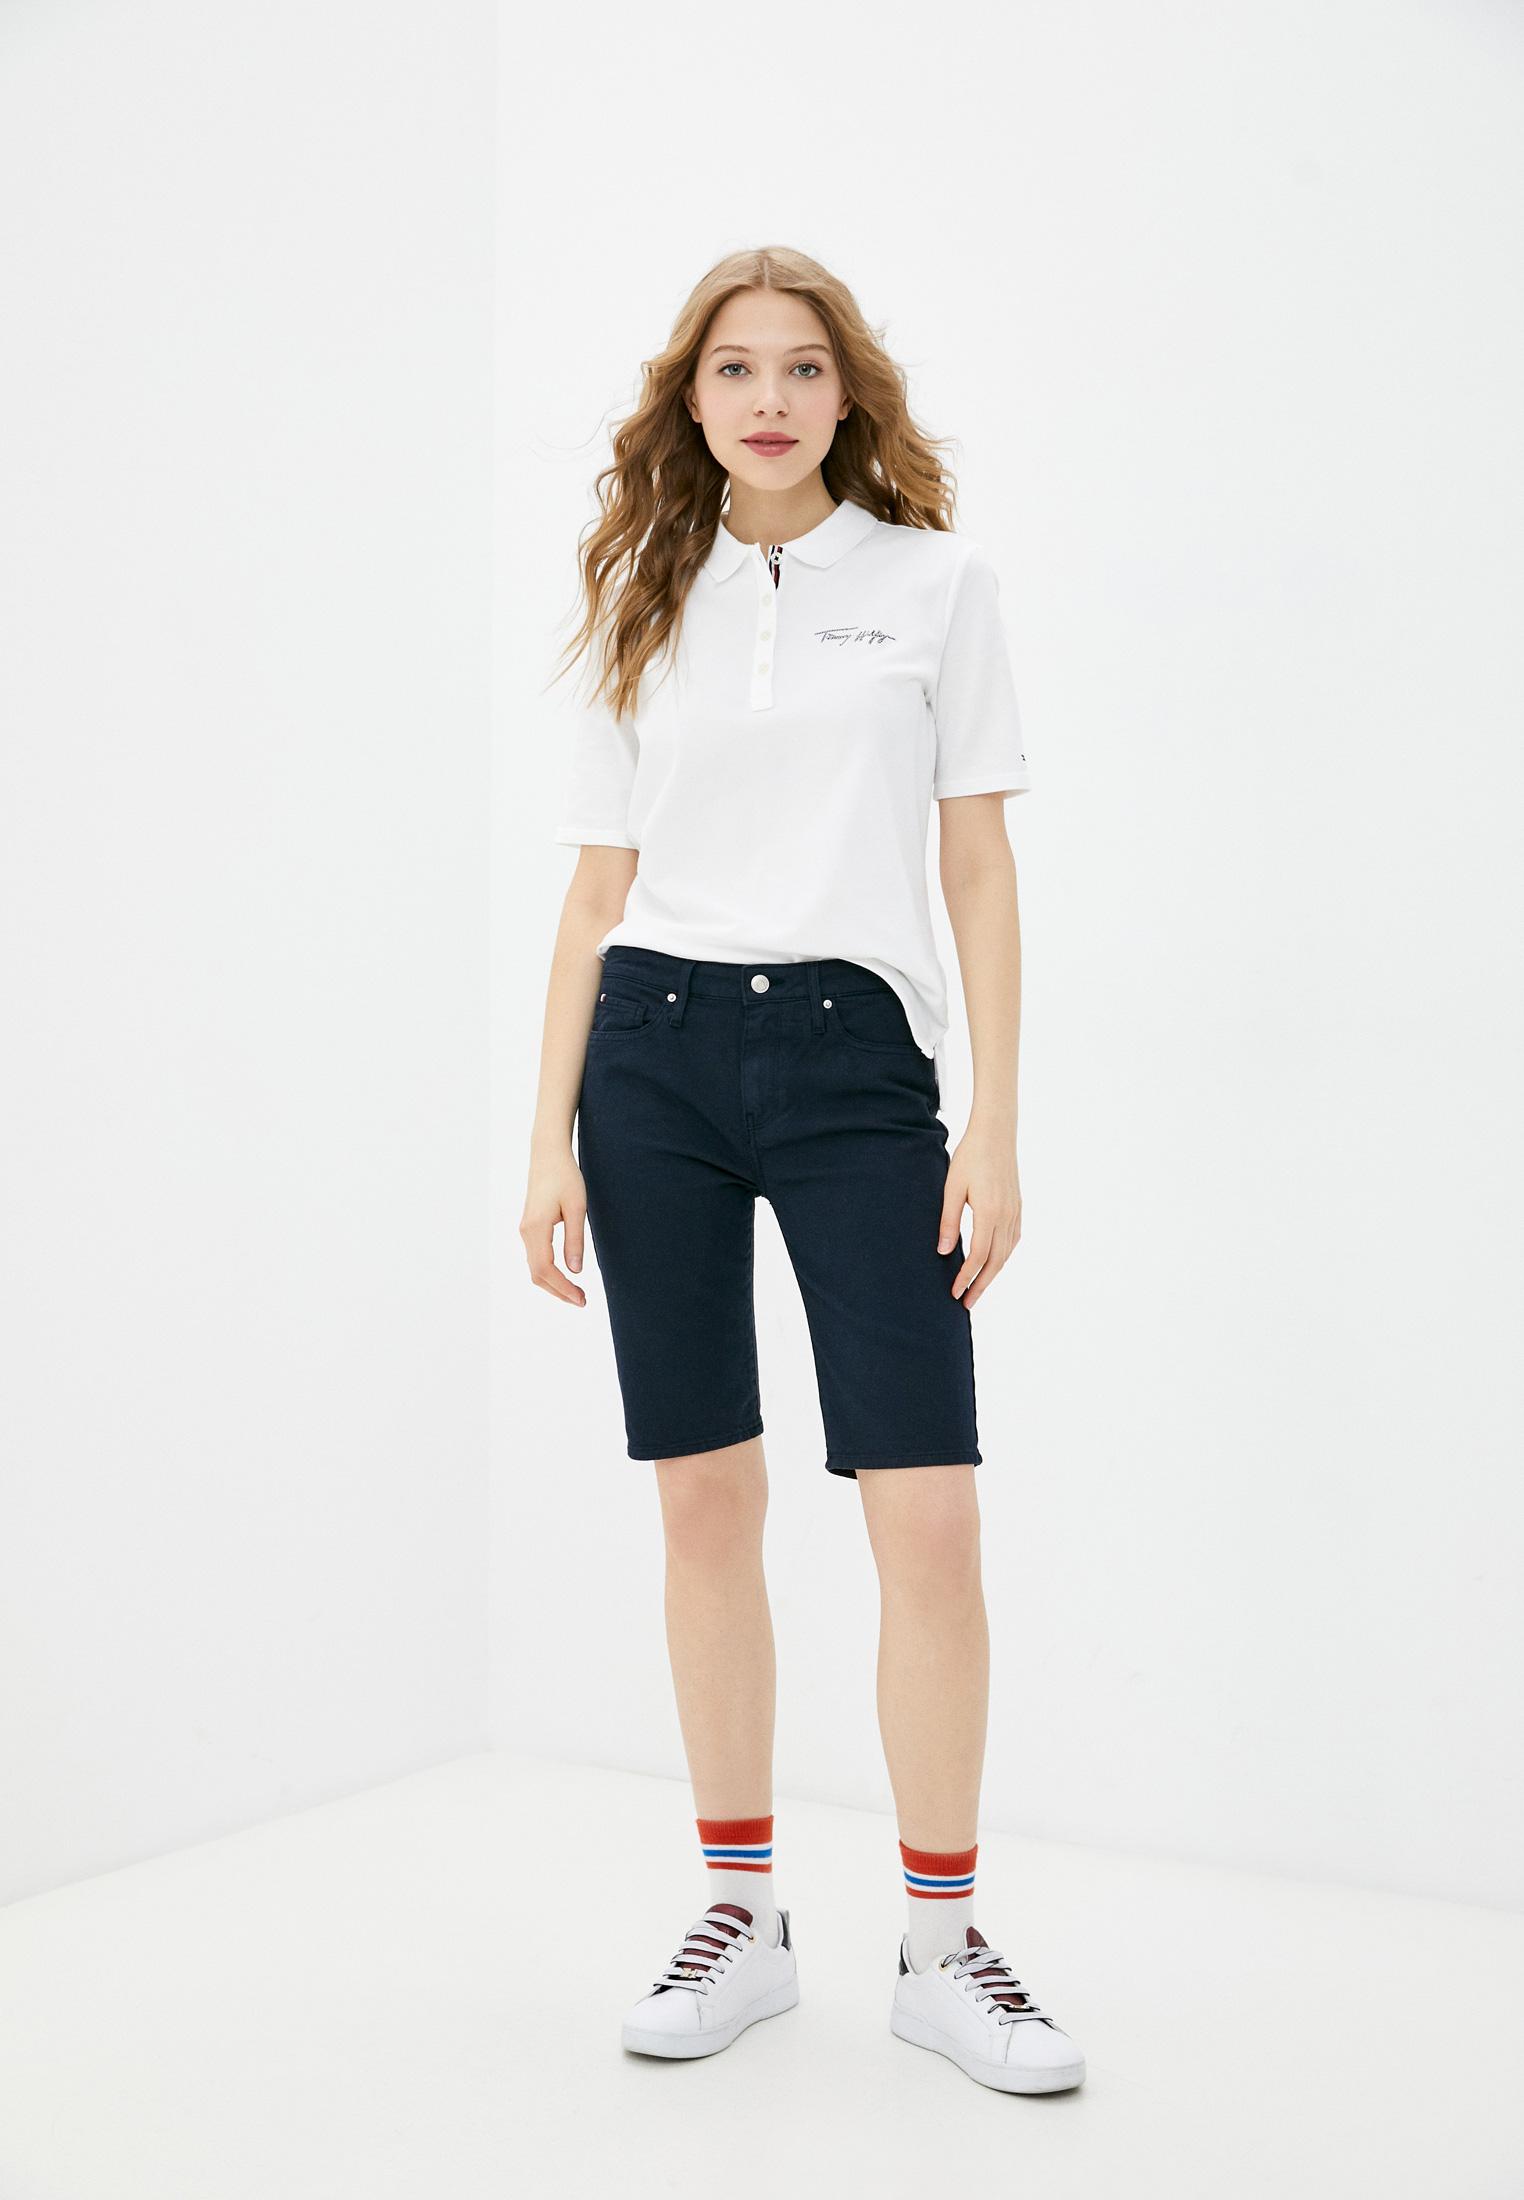 Женские джинсовые шорты Tommy Hilfiger (Томми Хилфигер) WW0WW30531: изображение 2